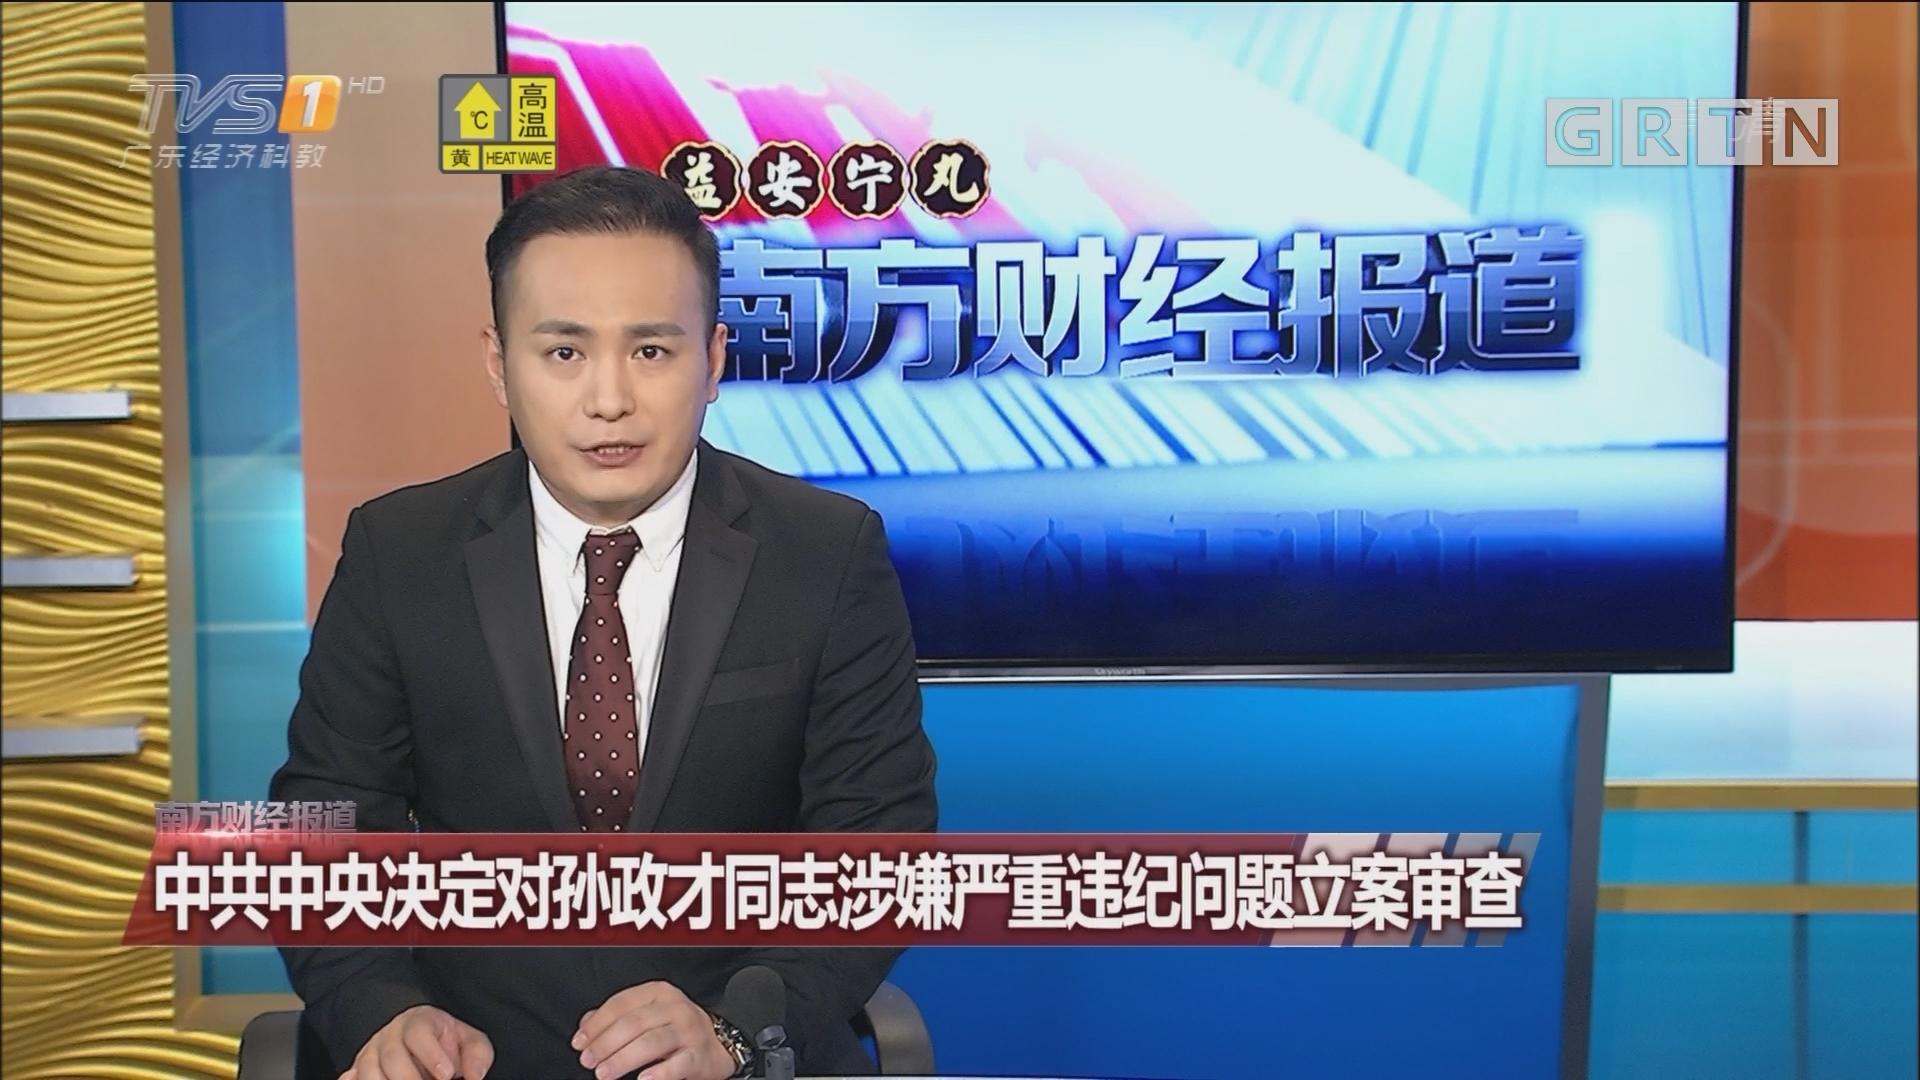 中共中央决定对孙政才同志涉嫌严重违纪问题立案审查